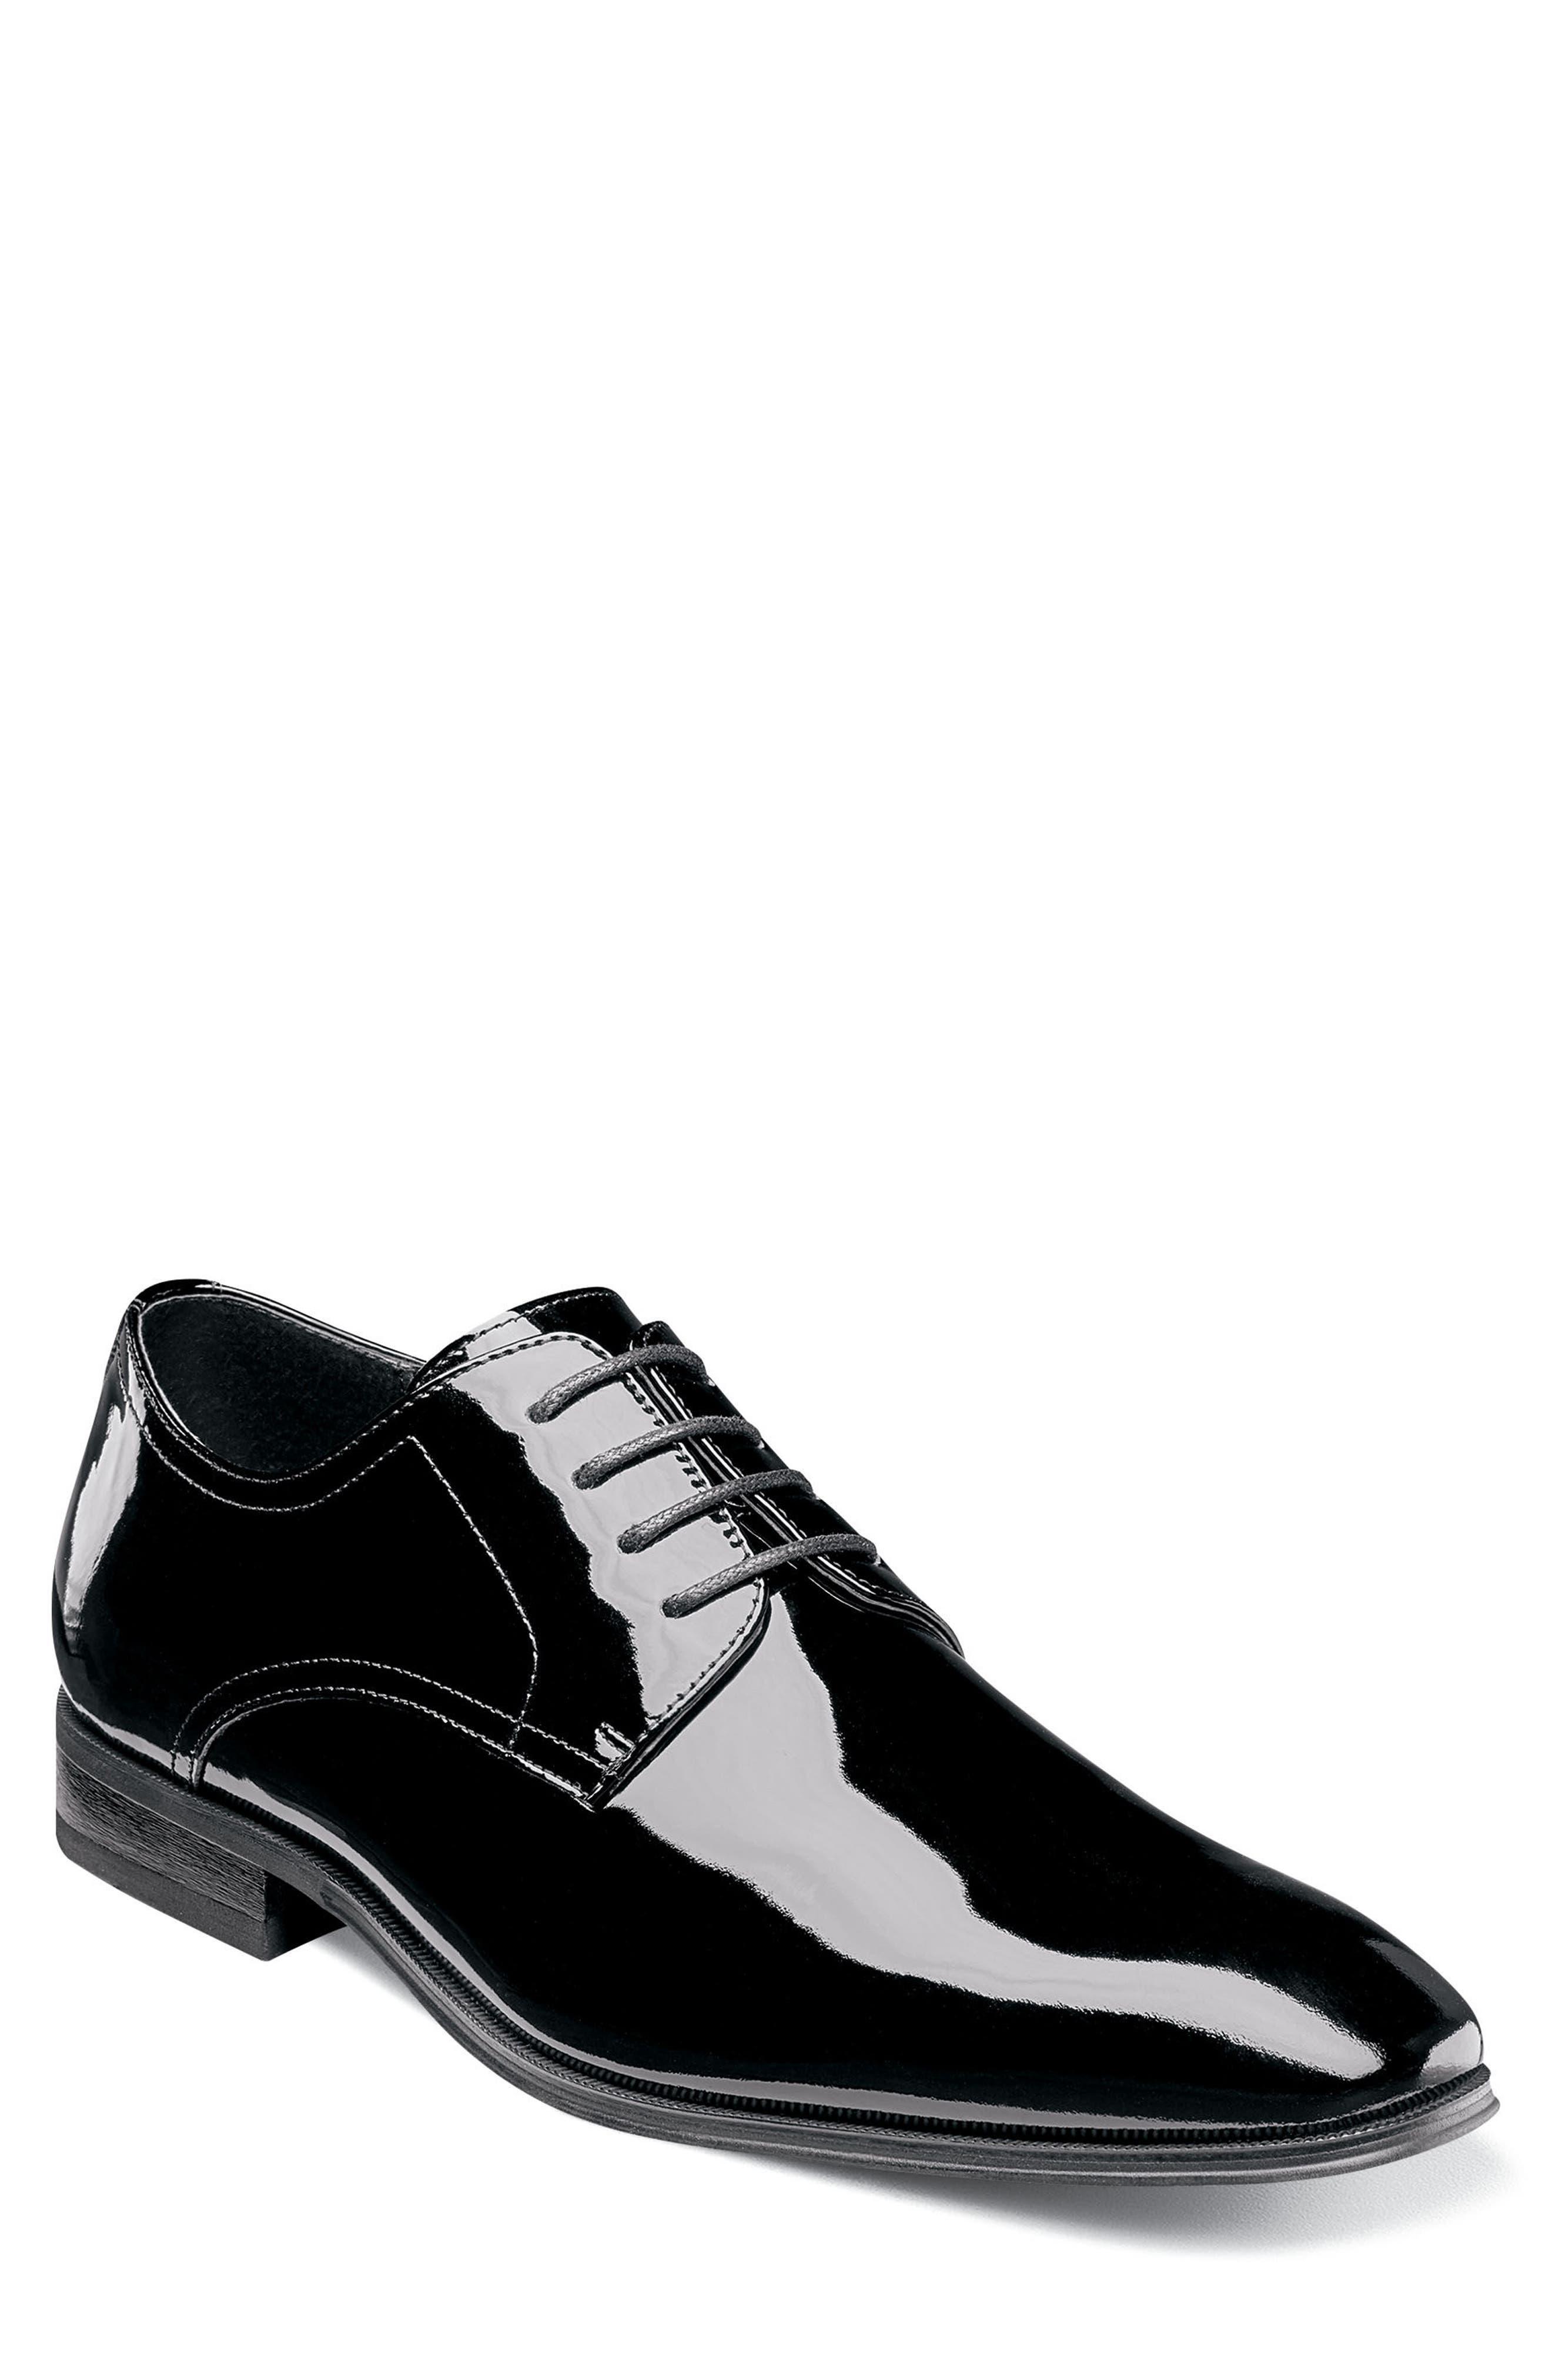 FLORSHEIM, Tux Plain Toe Derby, Main thumbnail 1, color, BLACK PATENT LEATHER